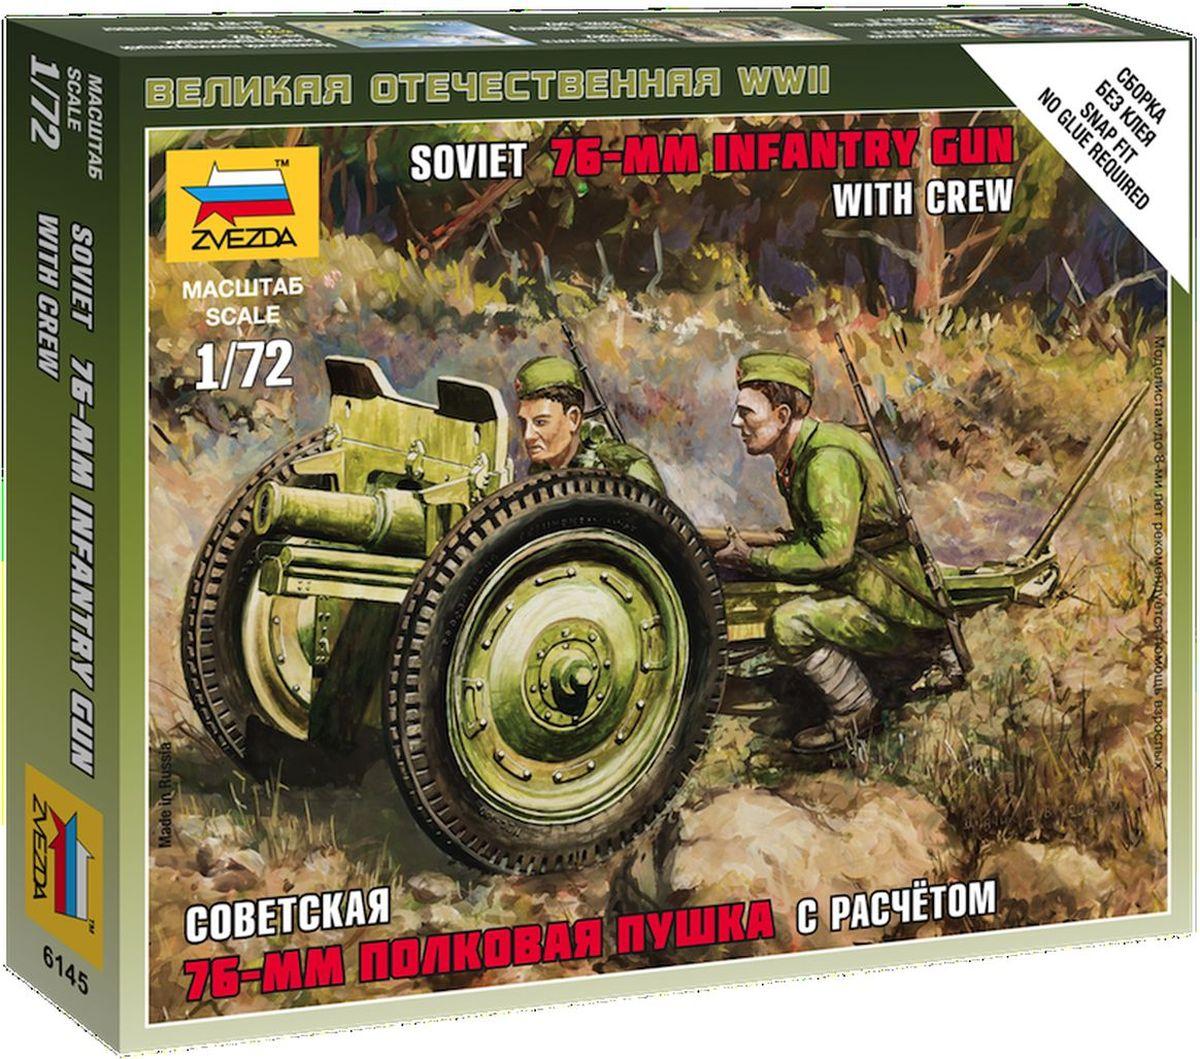 Звезда Сборная модель Советская 76-мм полковая пушка с расчетом